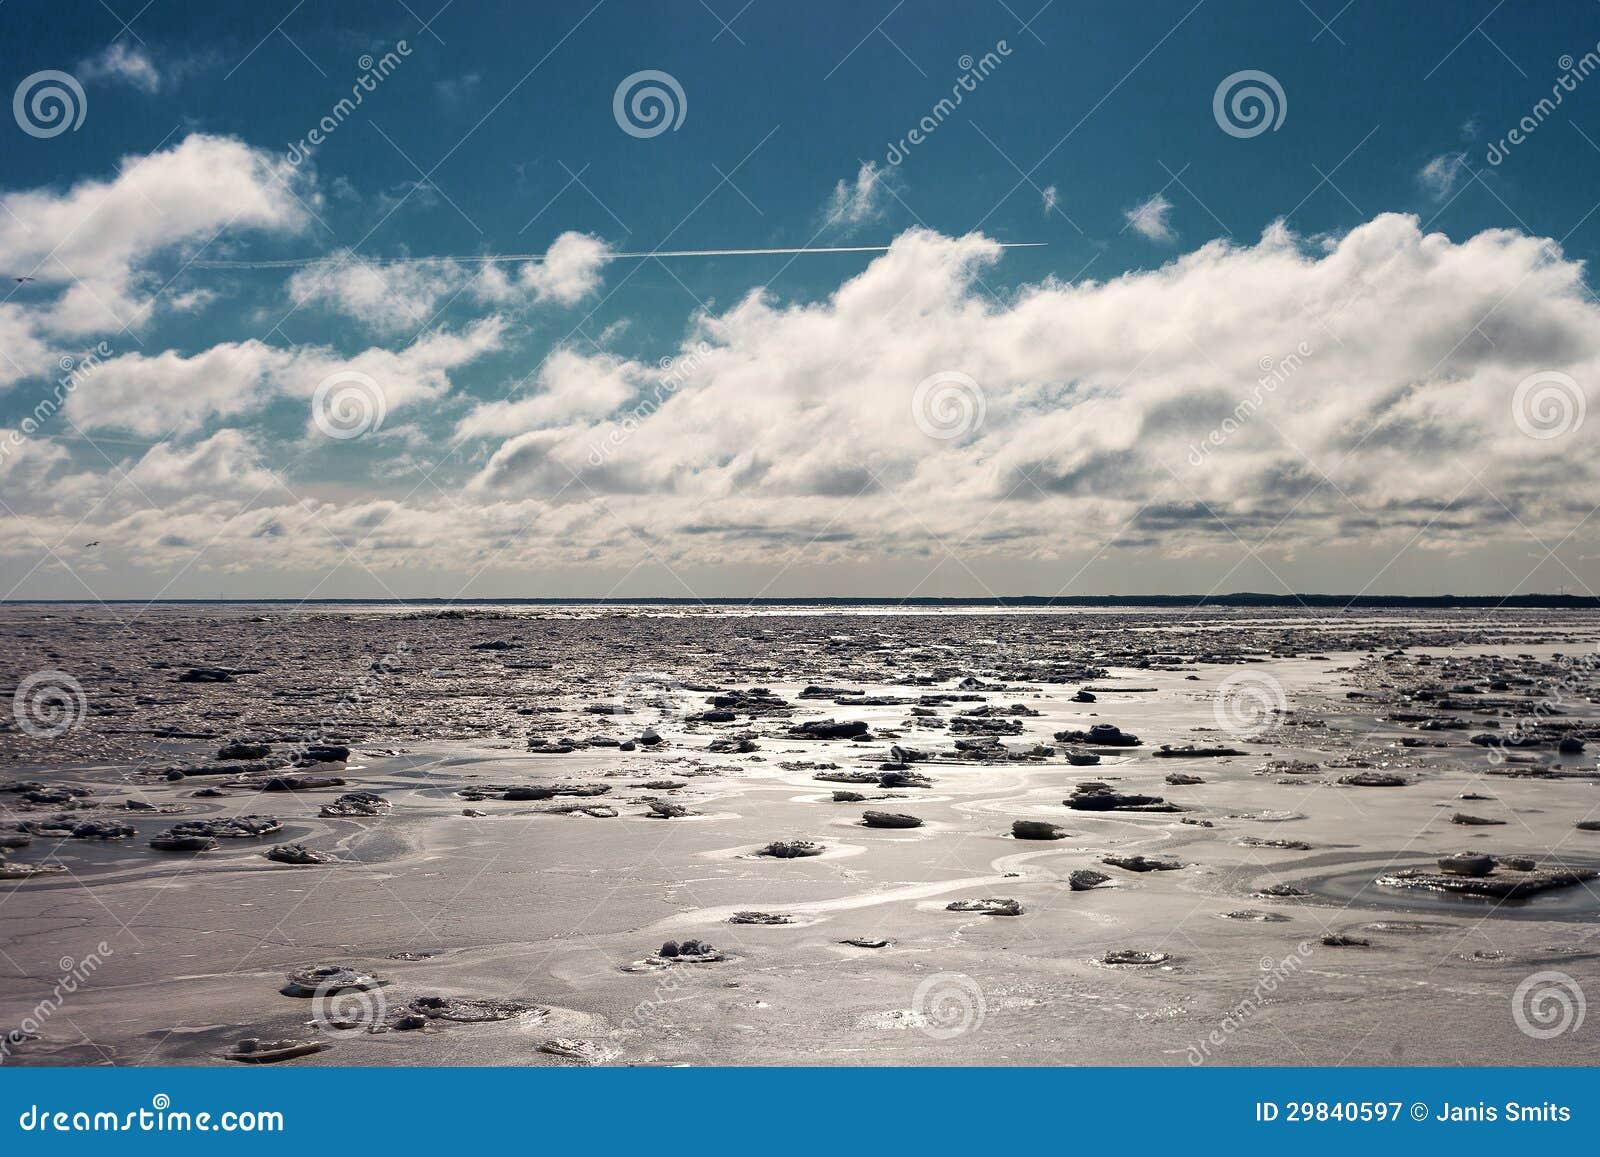 Mar Báltico gelado no inverno.